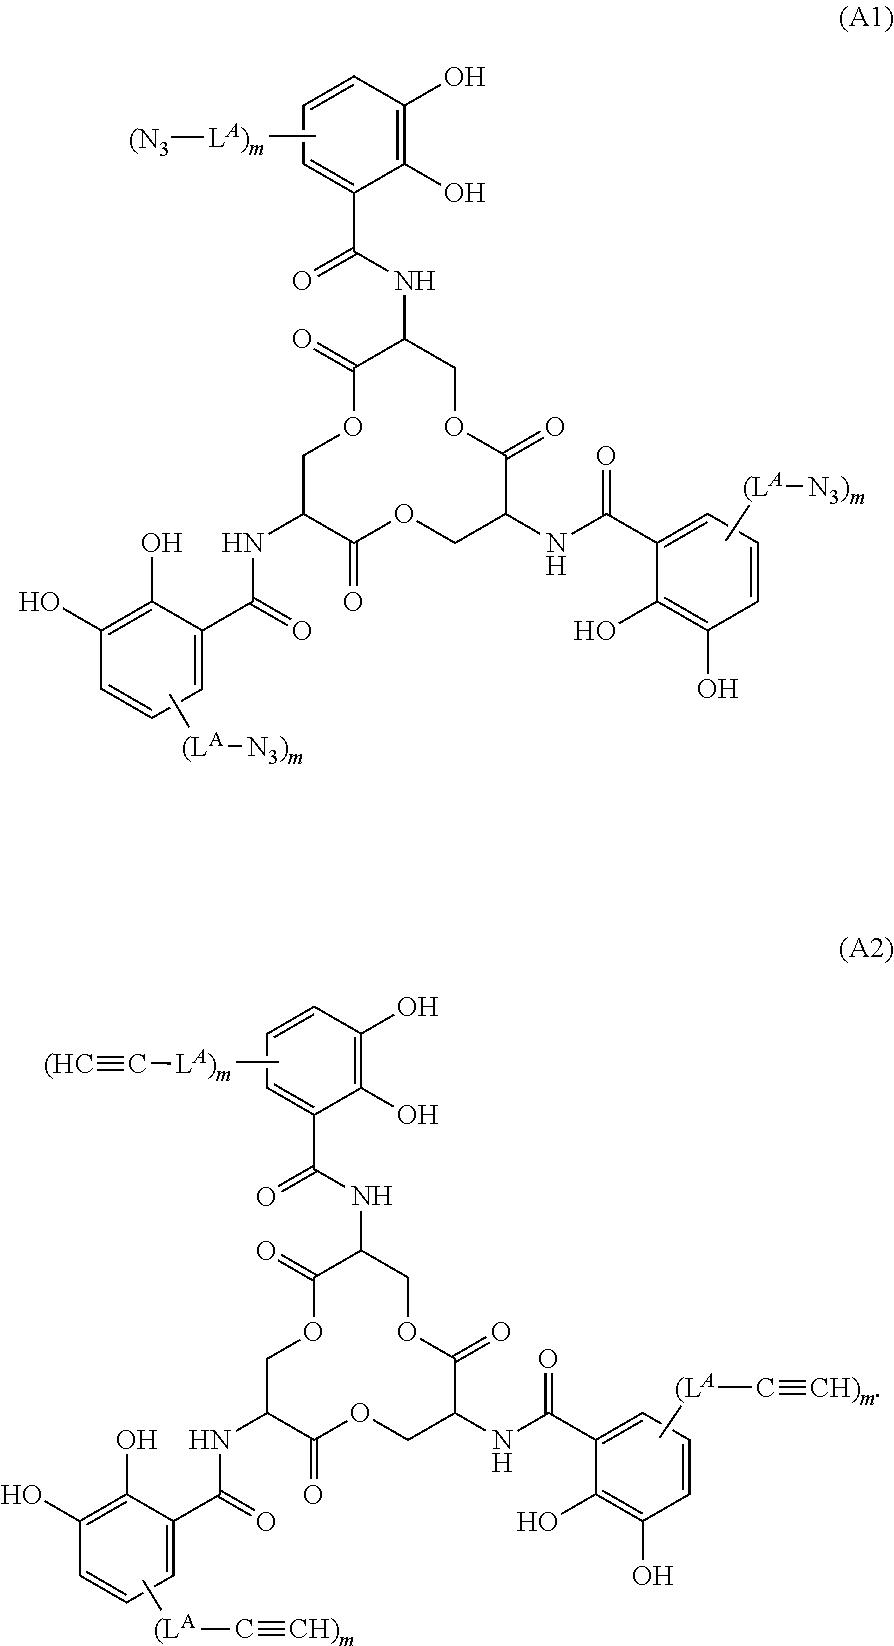 Figure US09902986-20180227-C00003